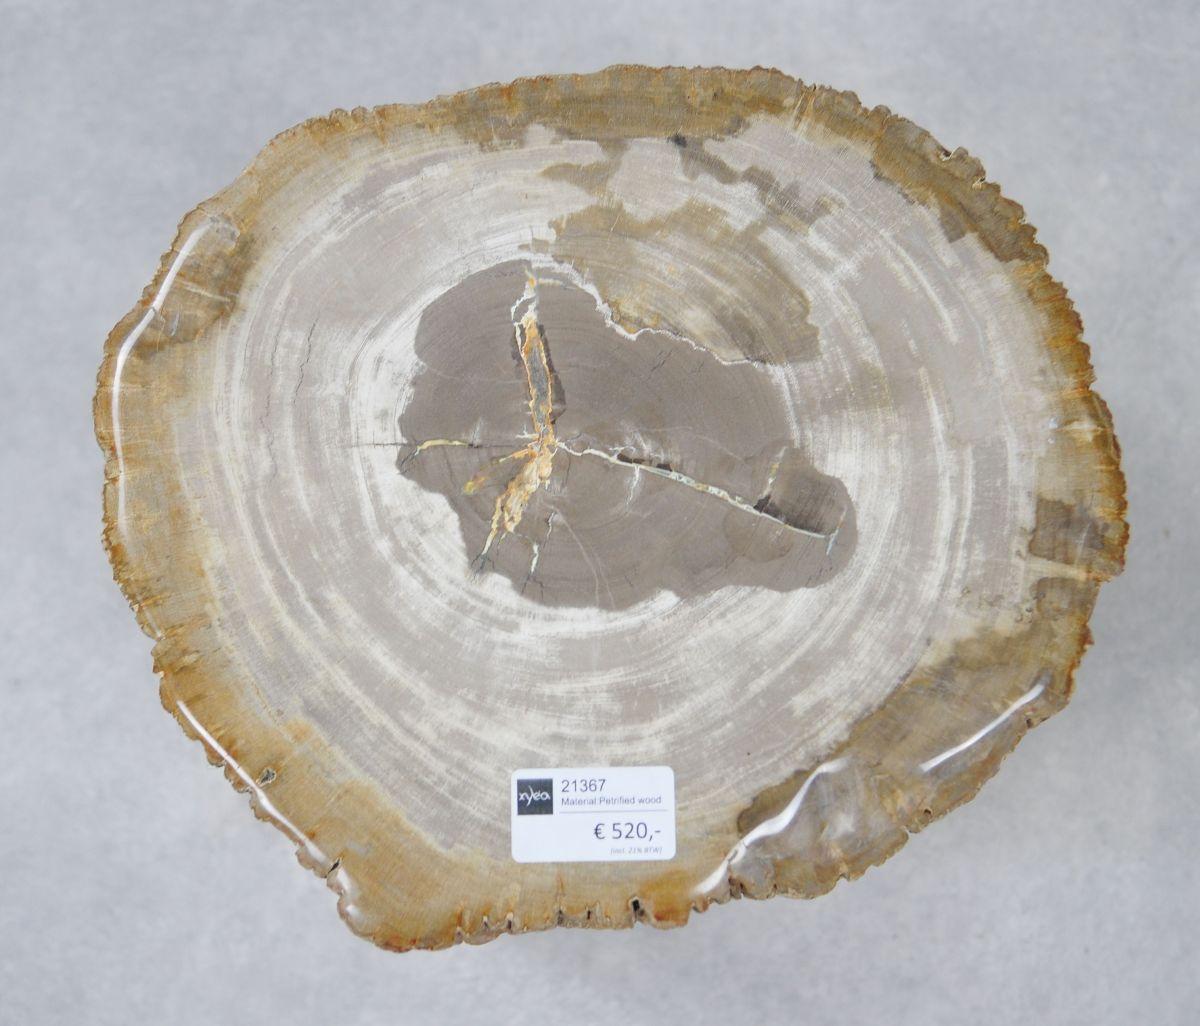 Side table petrified wood 21367